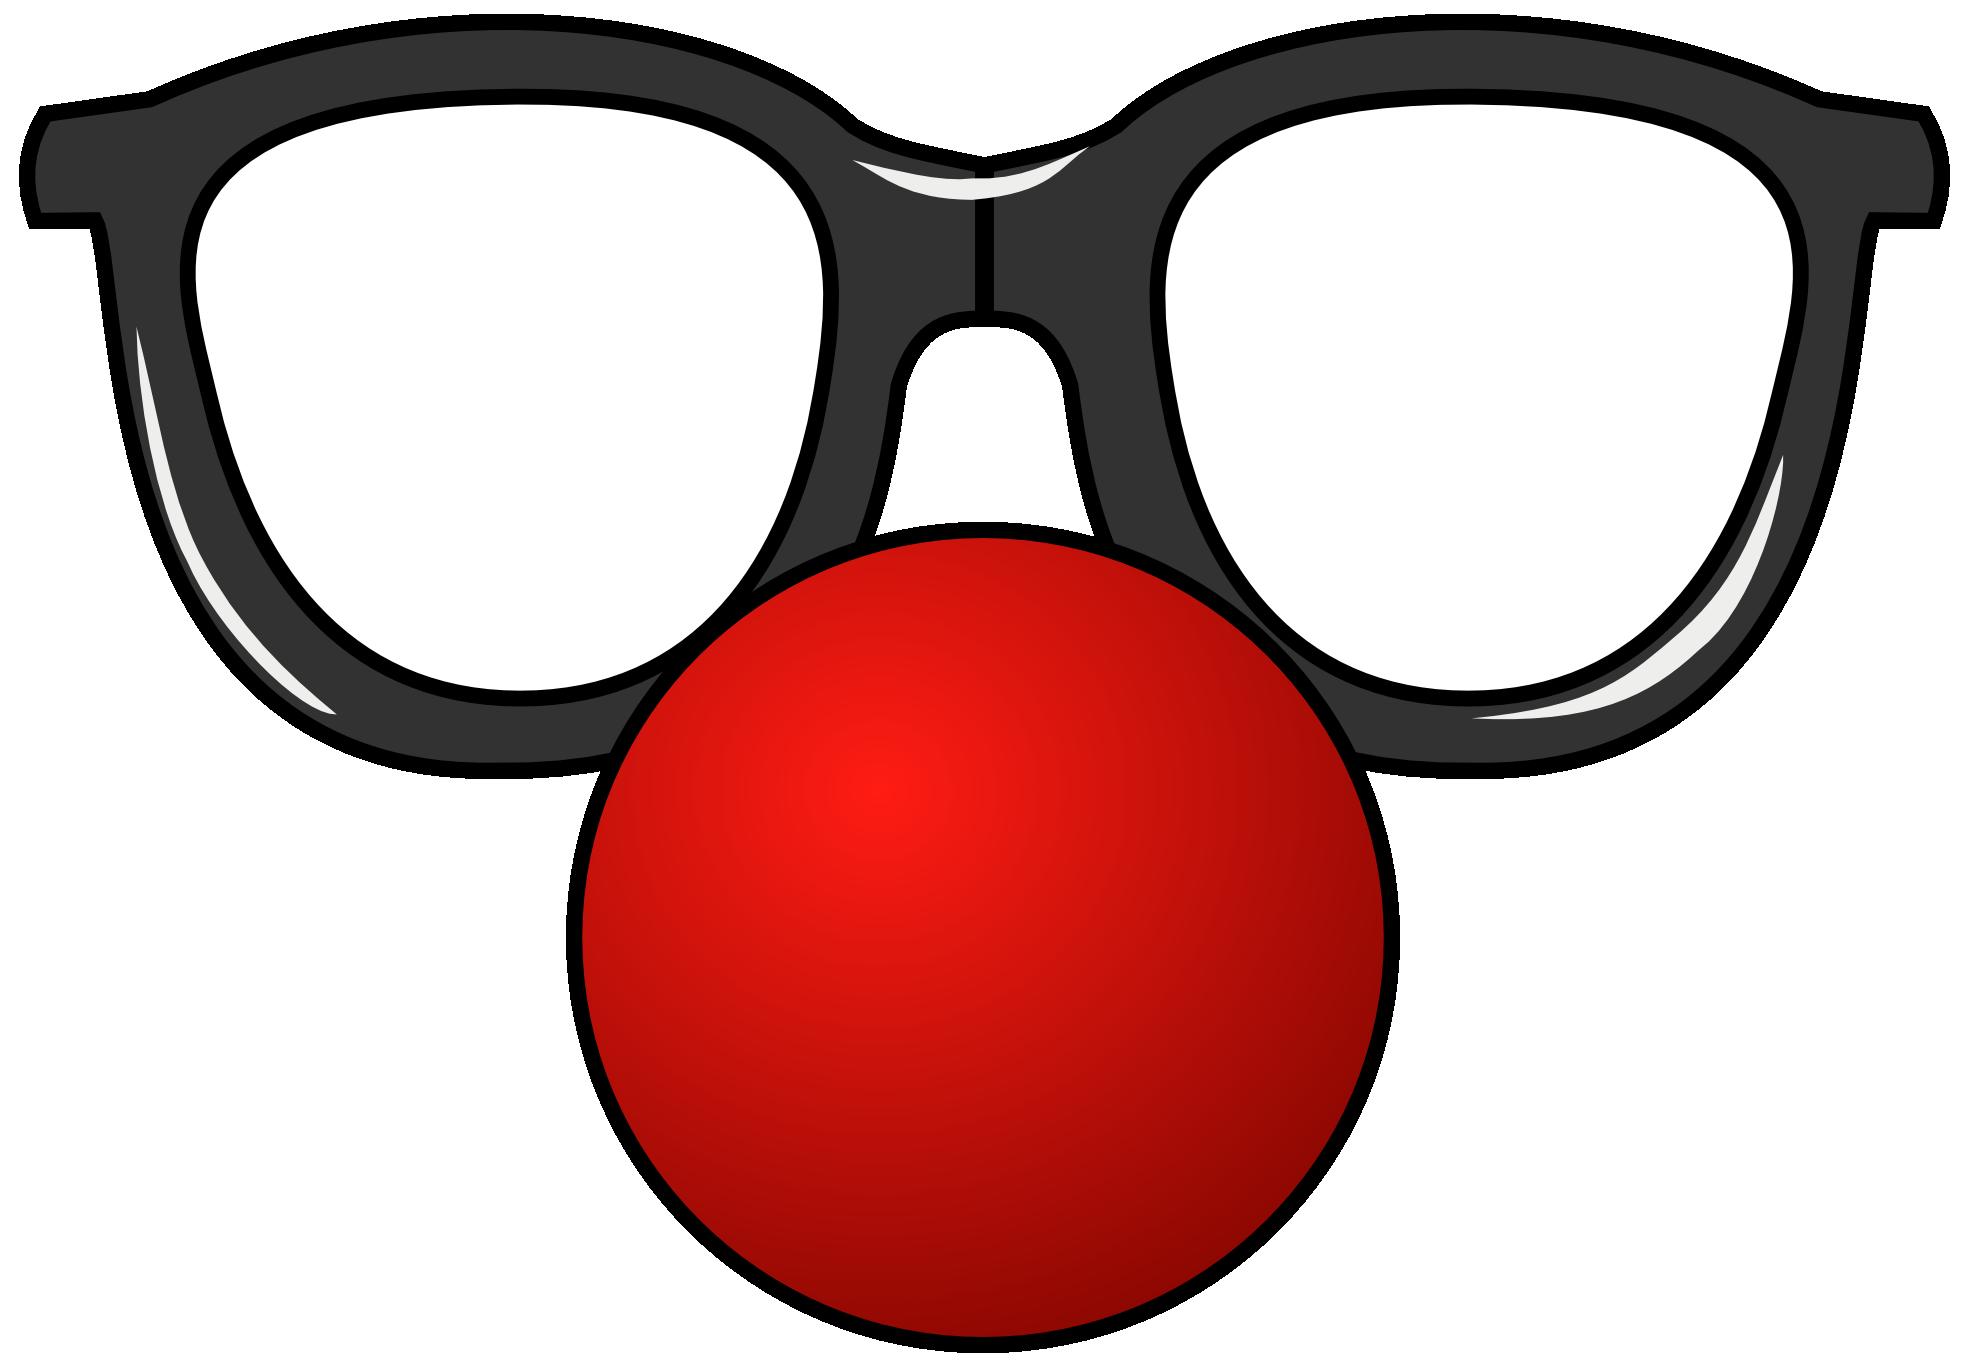 Funny sunglasses clipart clip art stock Free Funny Sunglasses Cliparts, Download Free Clip Art, Free Clip ... clip art stock